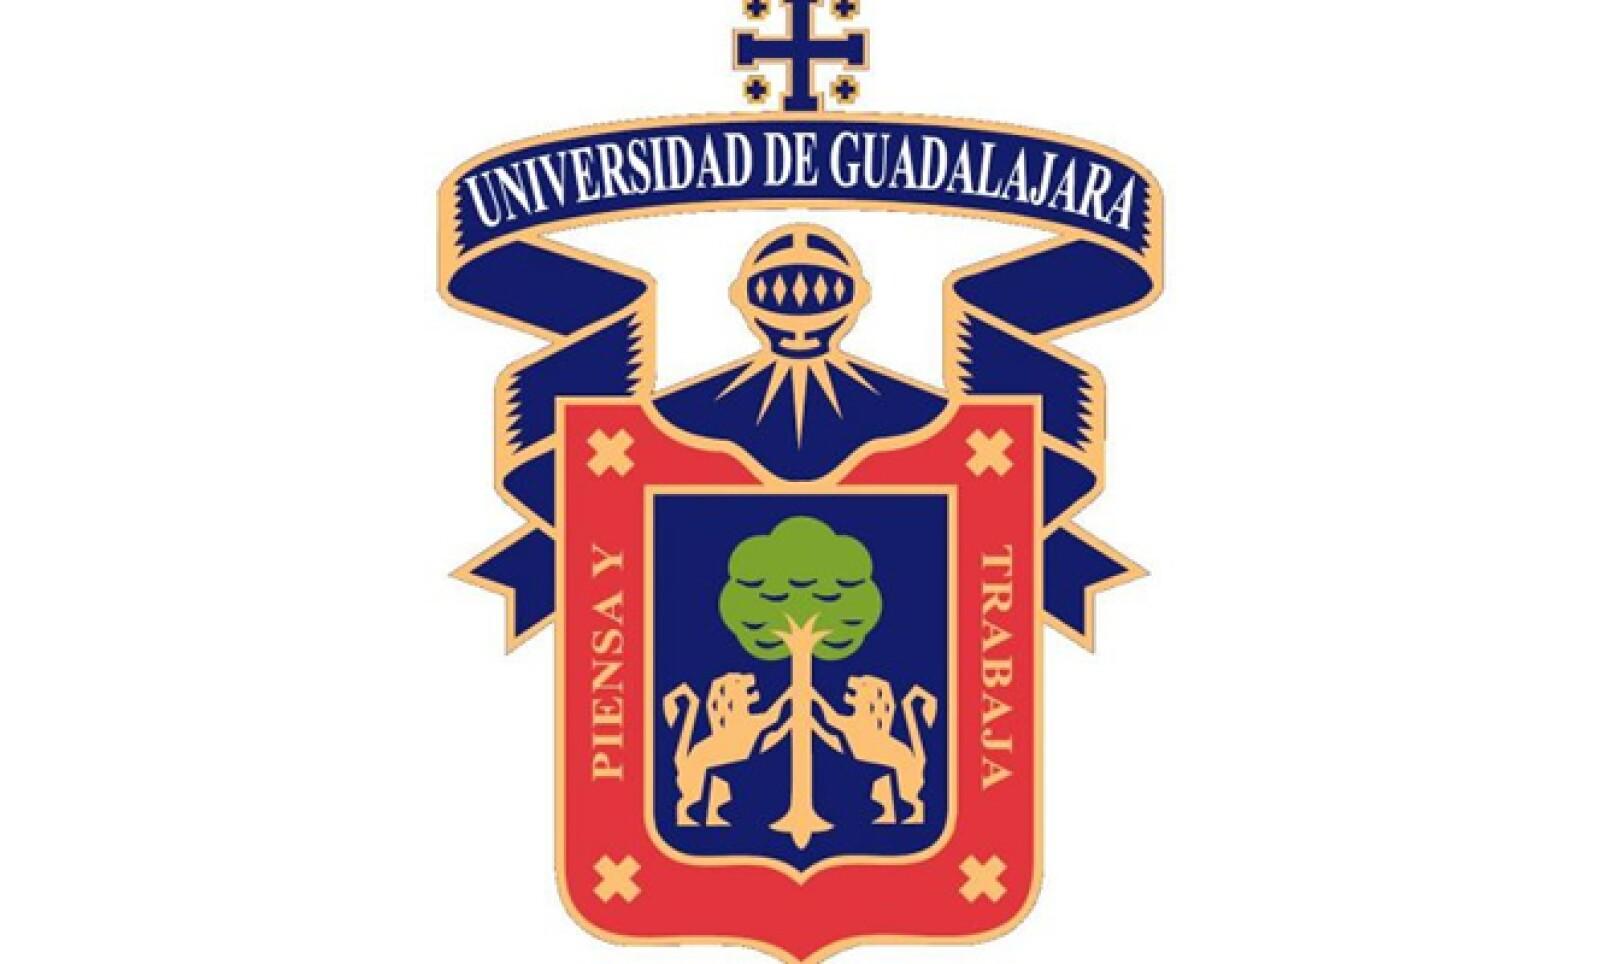 Éste es el escudo de la Universidad de Guadalajara, la cual es dirigida actualmente por el rector Marco Antonio Cortés Guardado.